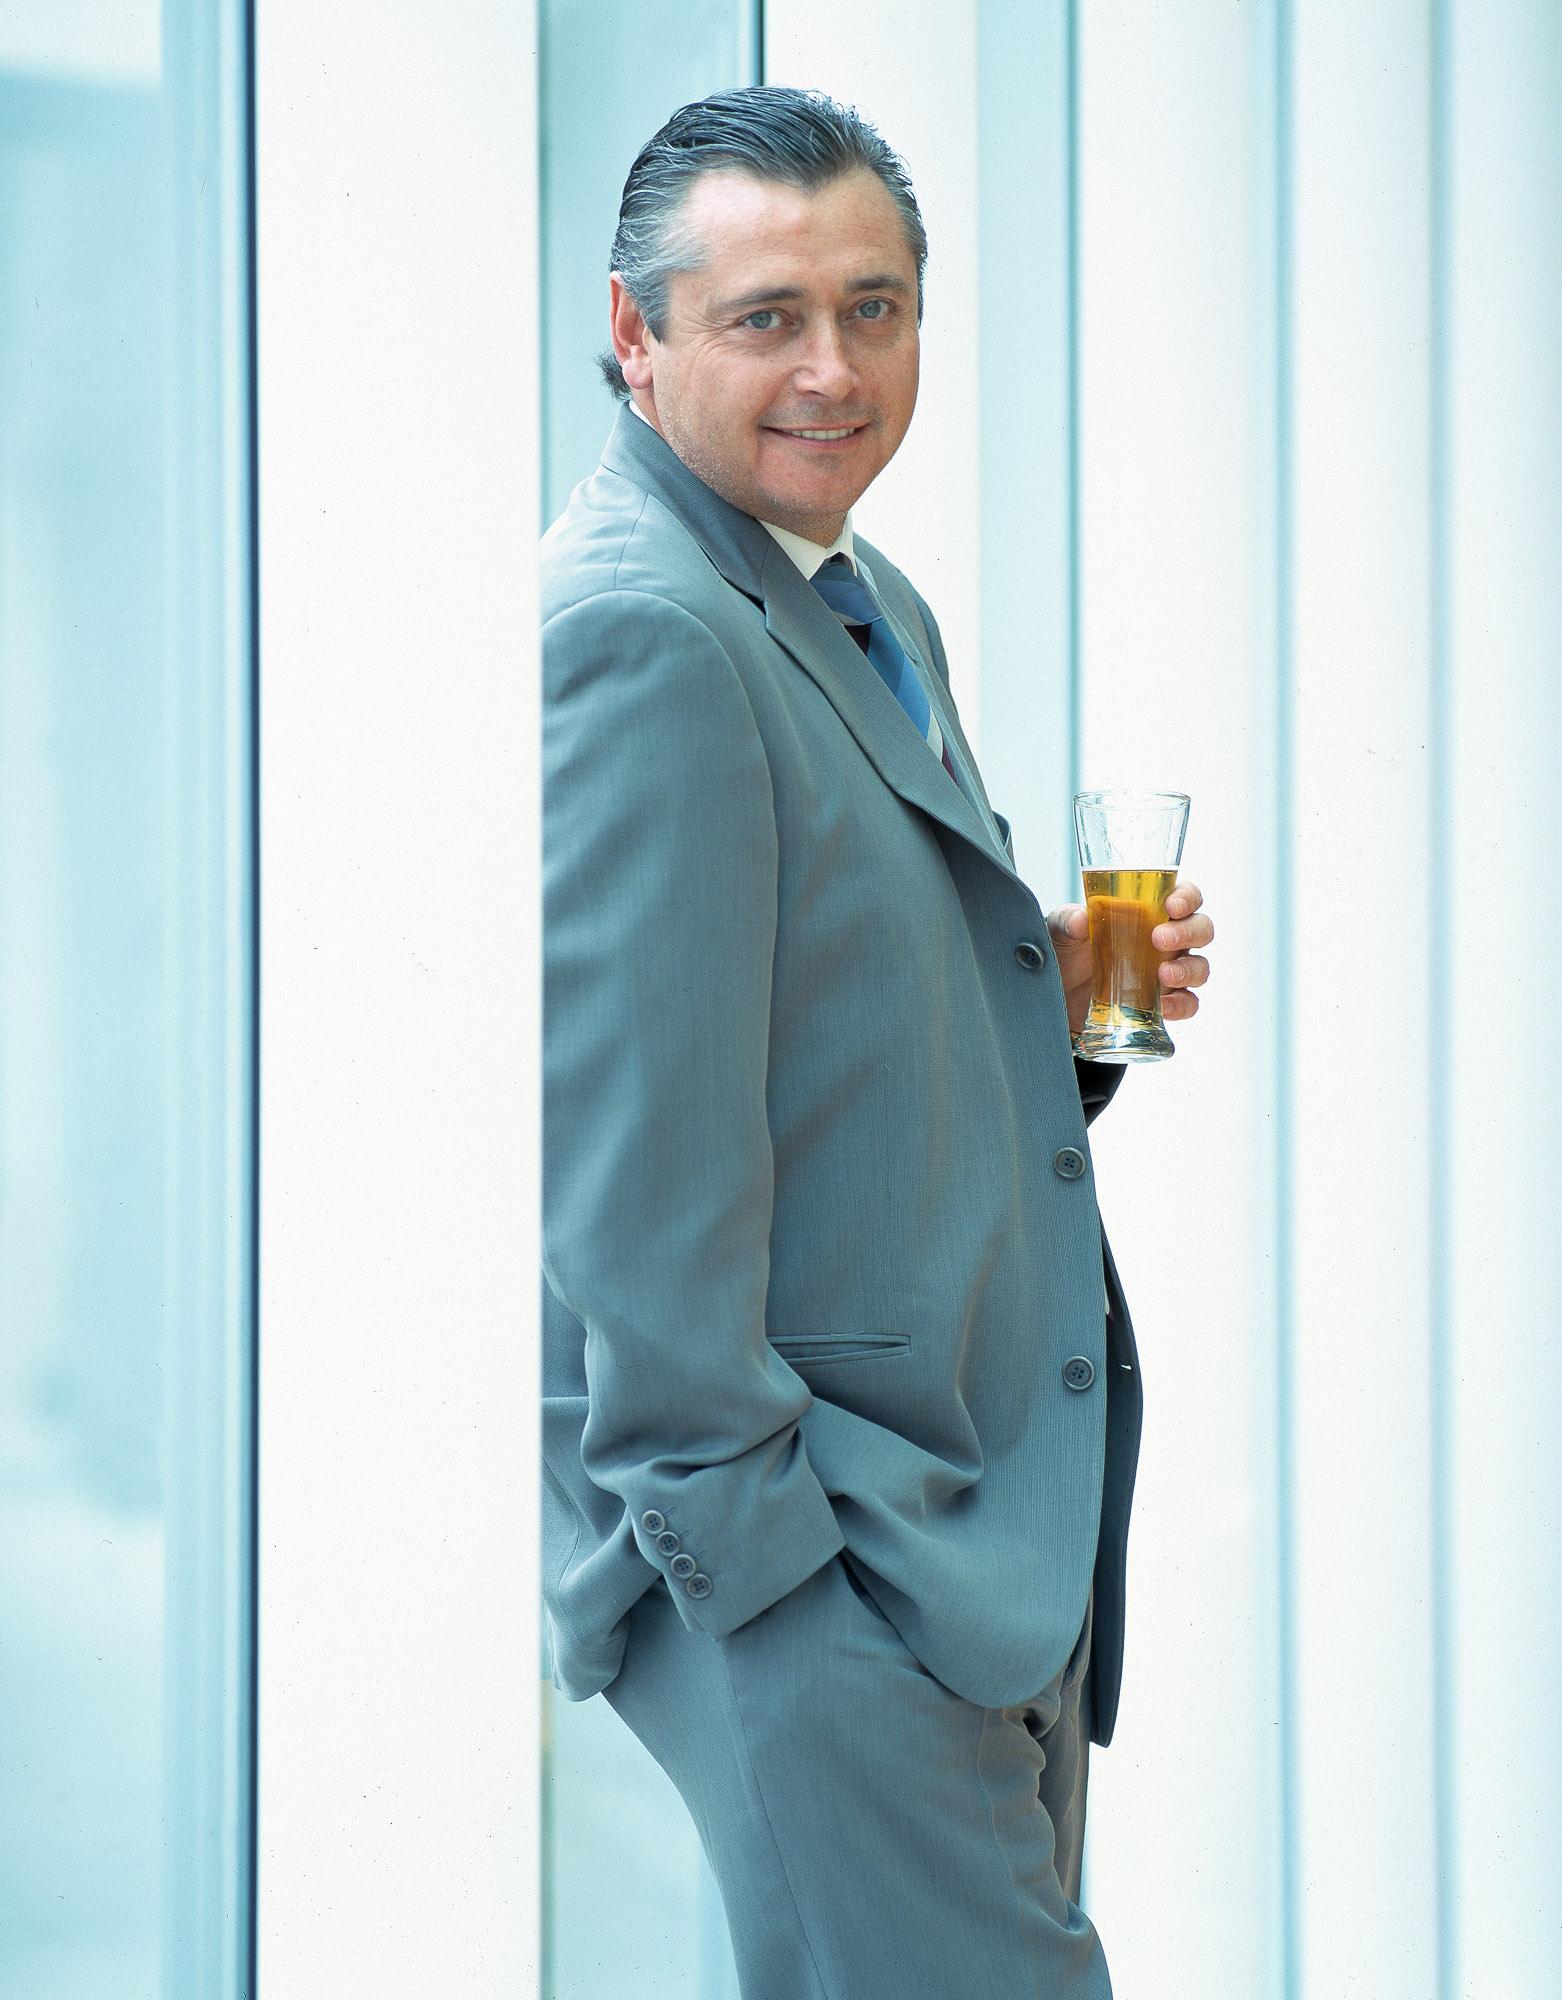 Michael Robinson, Sports presenter